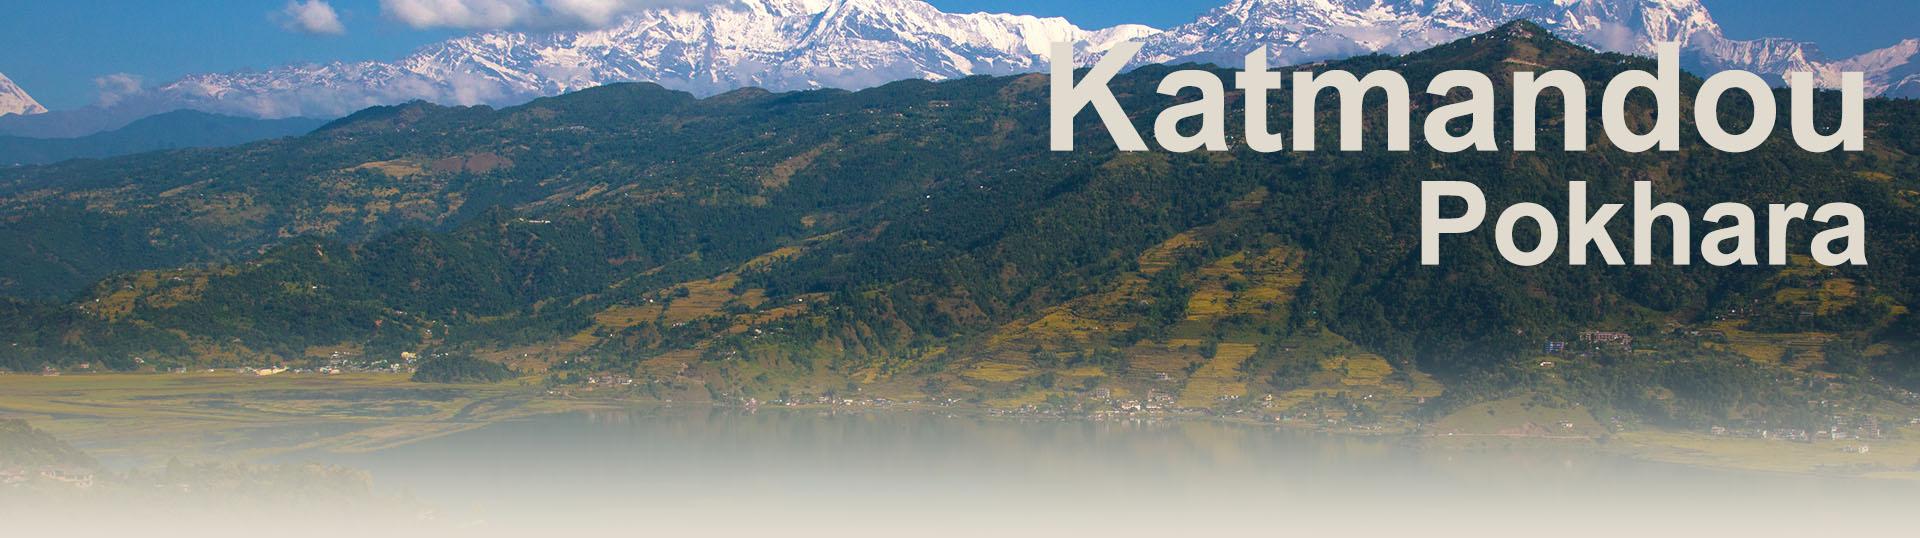 Kathmandou Pokhara excursion